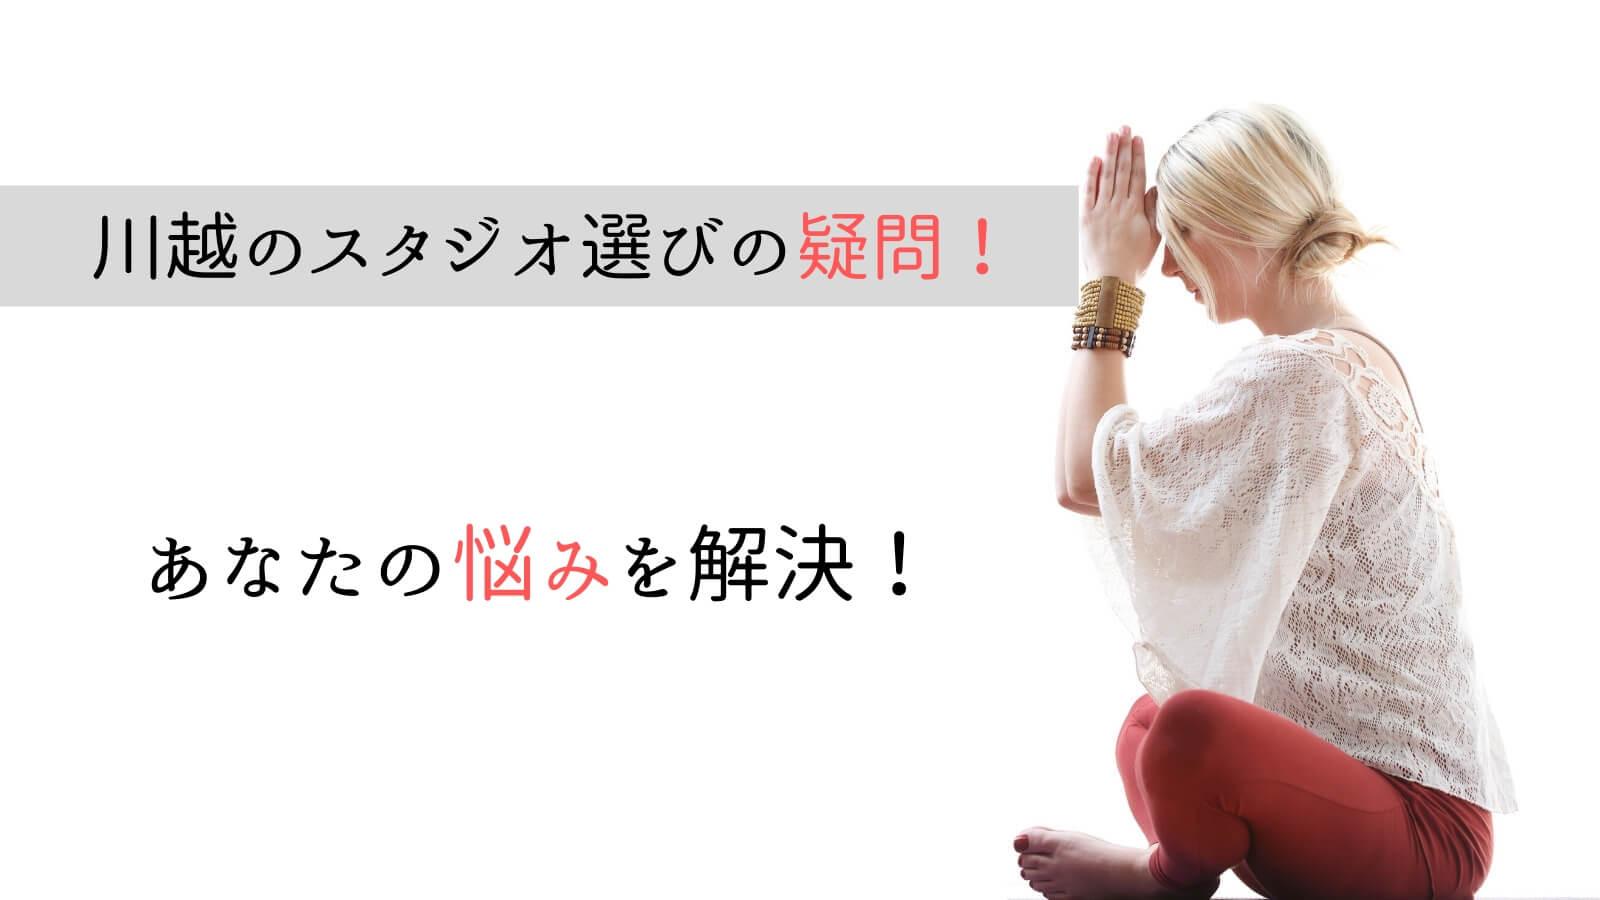 川越でのヨガ・ホットヨガスタジオ選びに関するQ&A